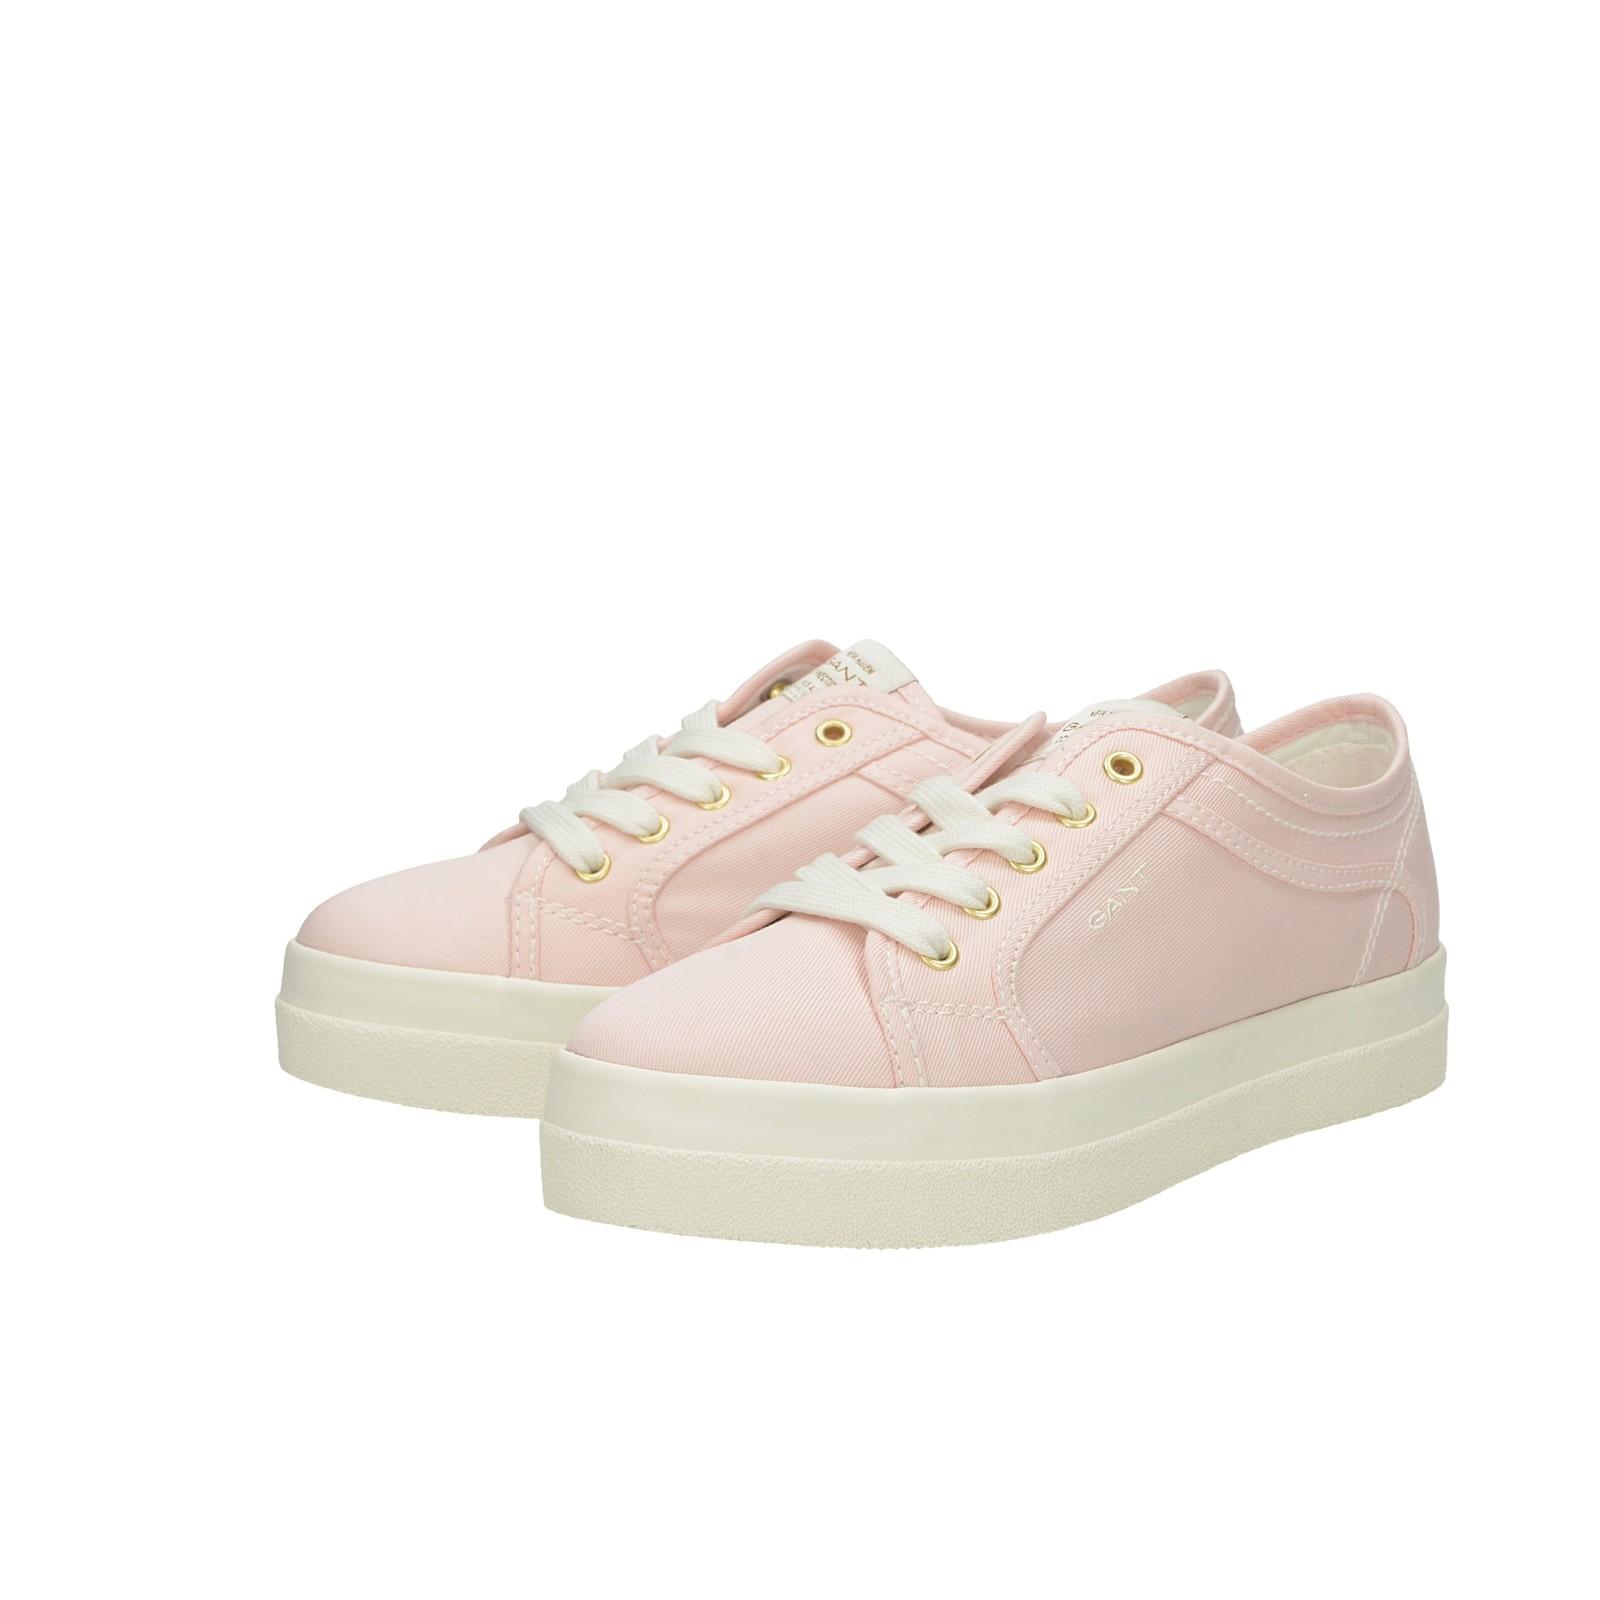 ... Gant dámske štýlové tenisky - ružové ... b6bfd19a116